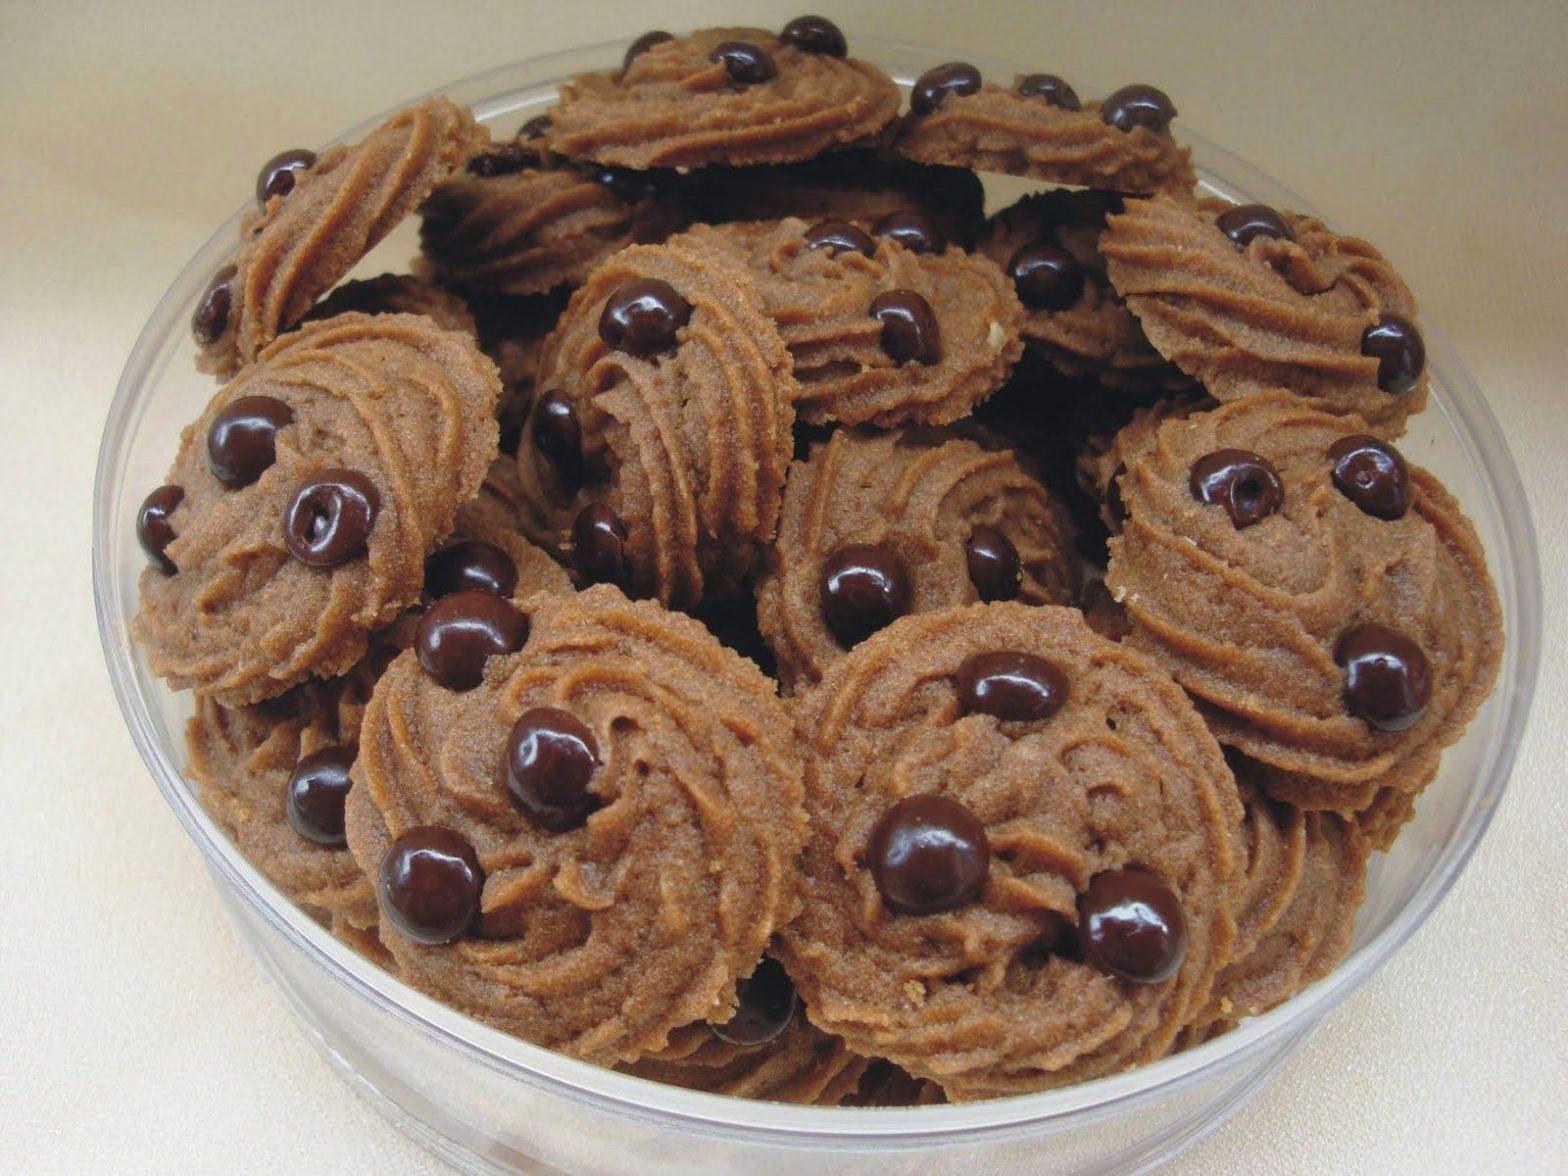 Resep Kue Kacang Coklat Praktis Yang Renyah Dan Enak